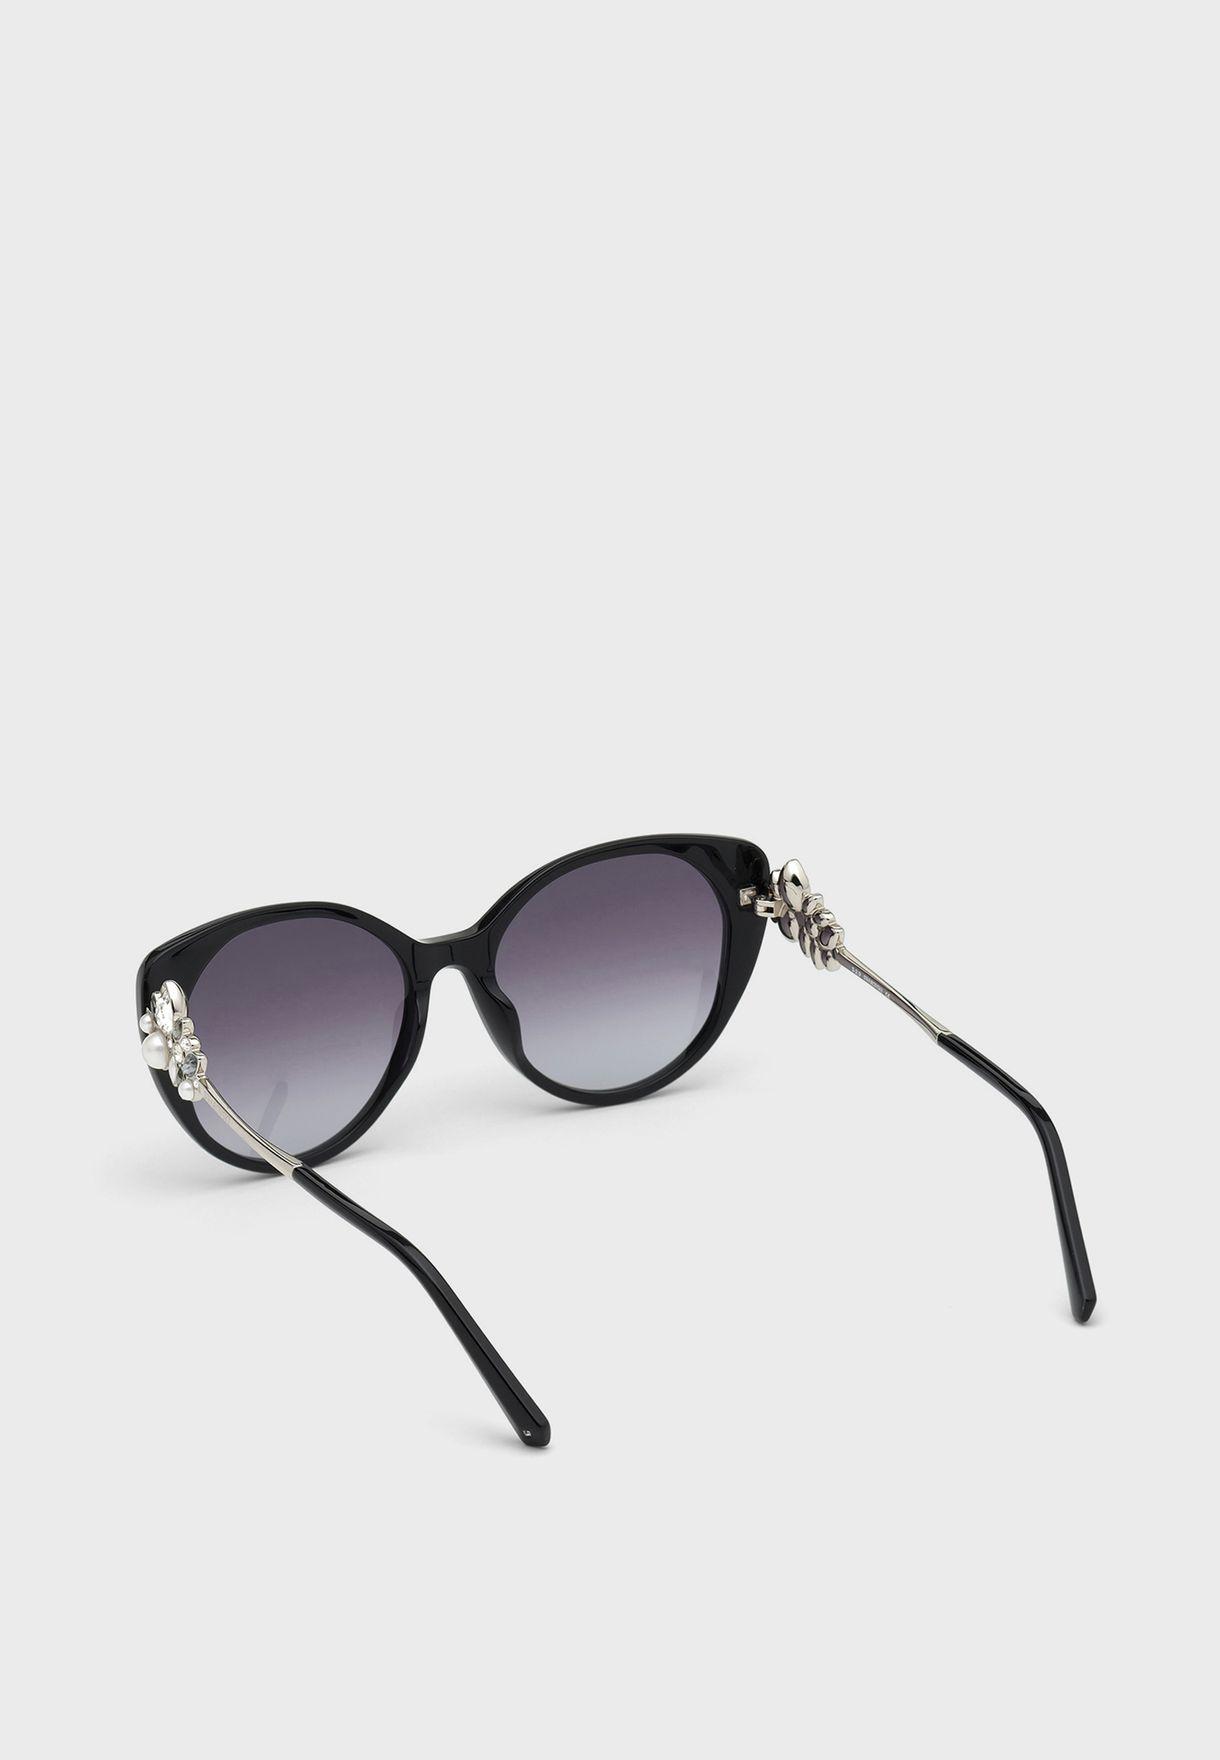 Polarized Full Frame Sunglasses